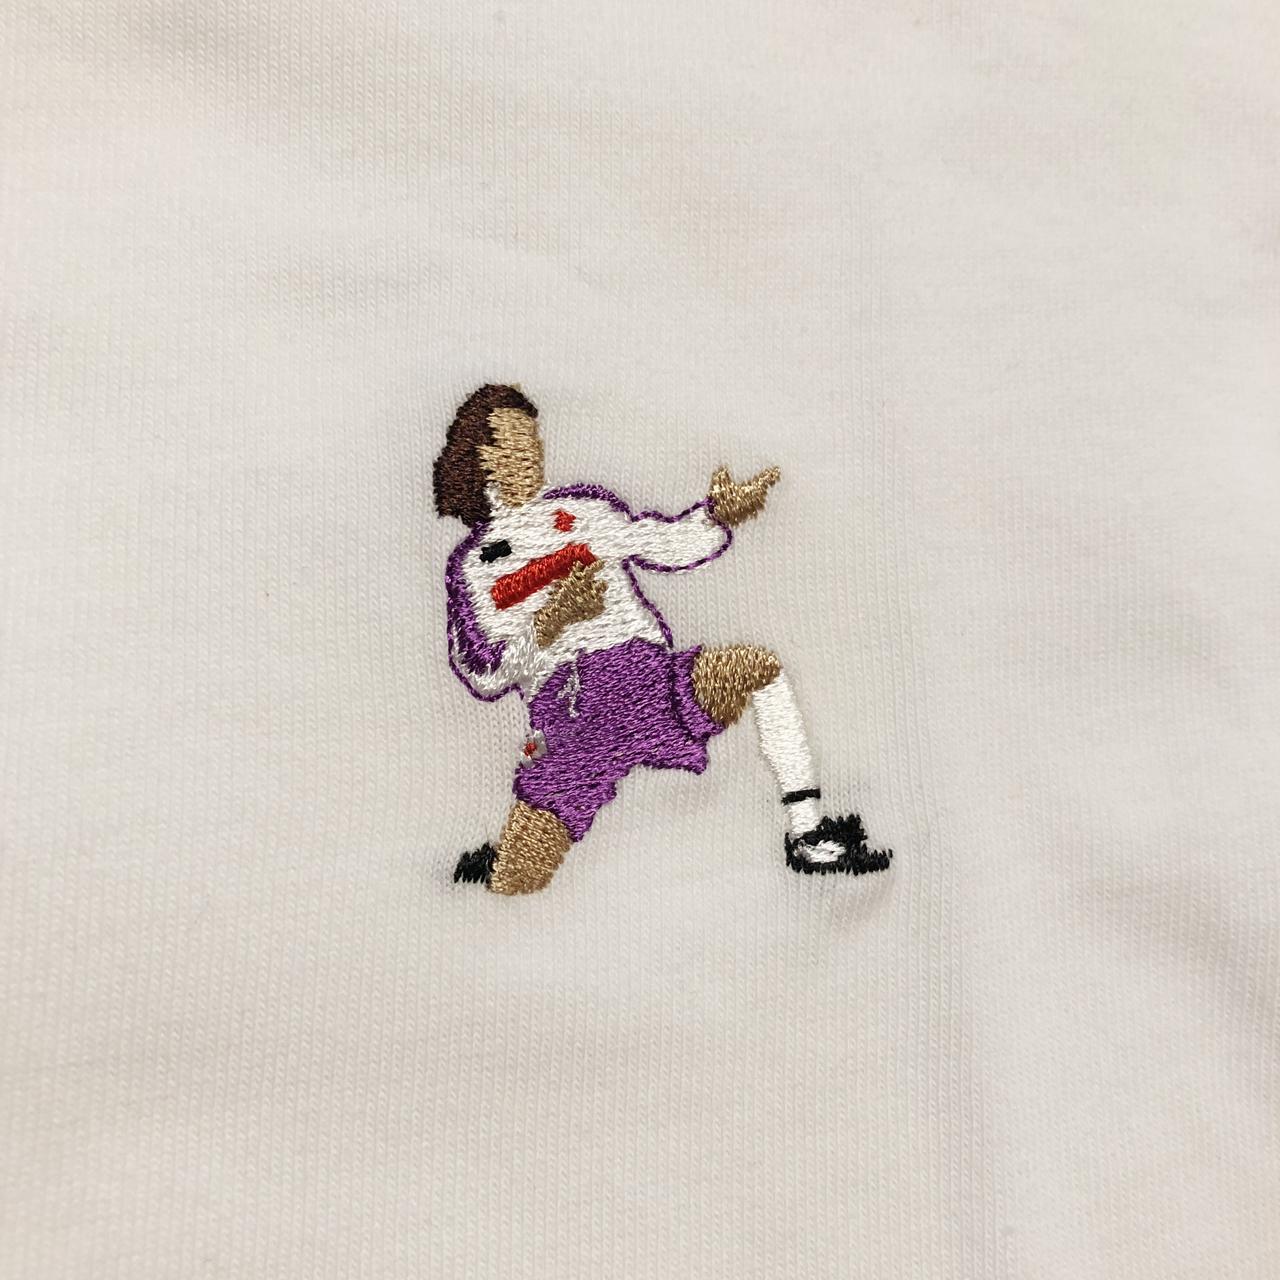 マシンガンTシャツ刺繍半袖 / ホワイト | SINE METU - シネメトゥ